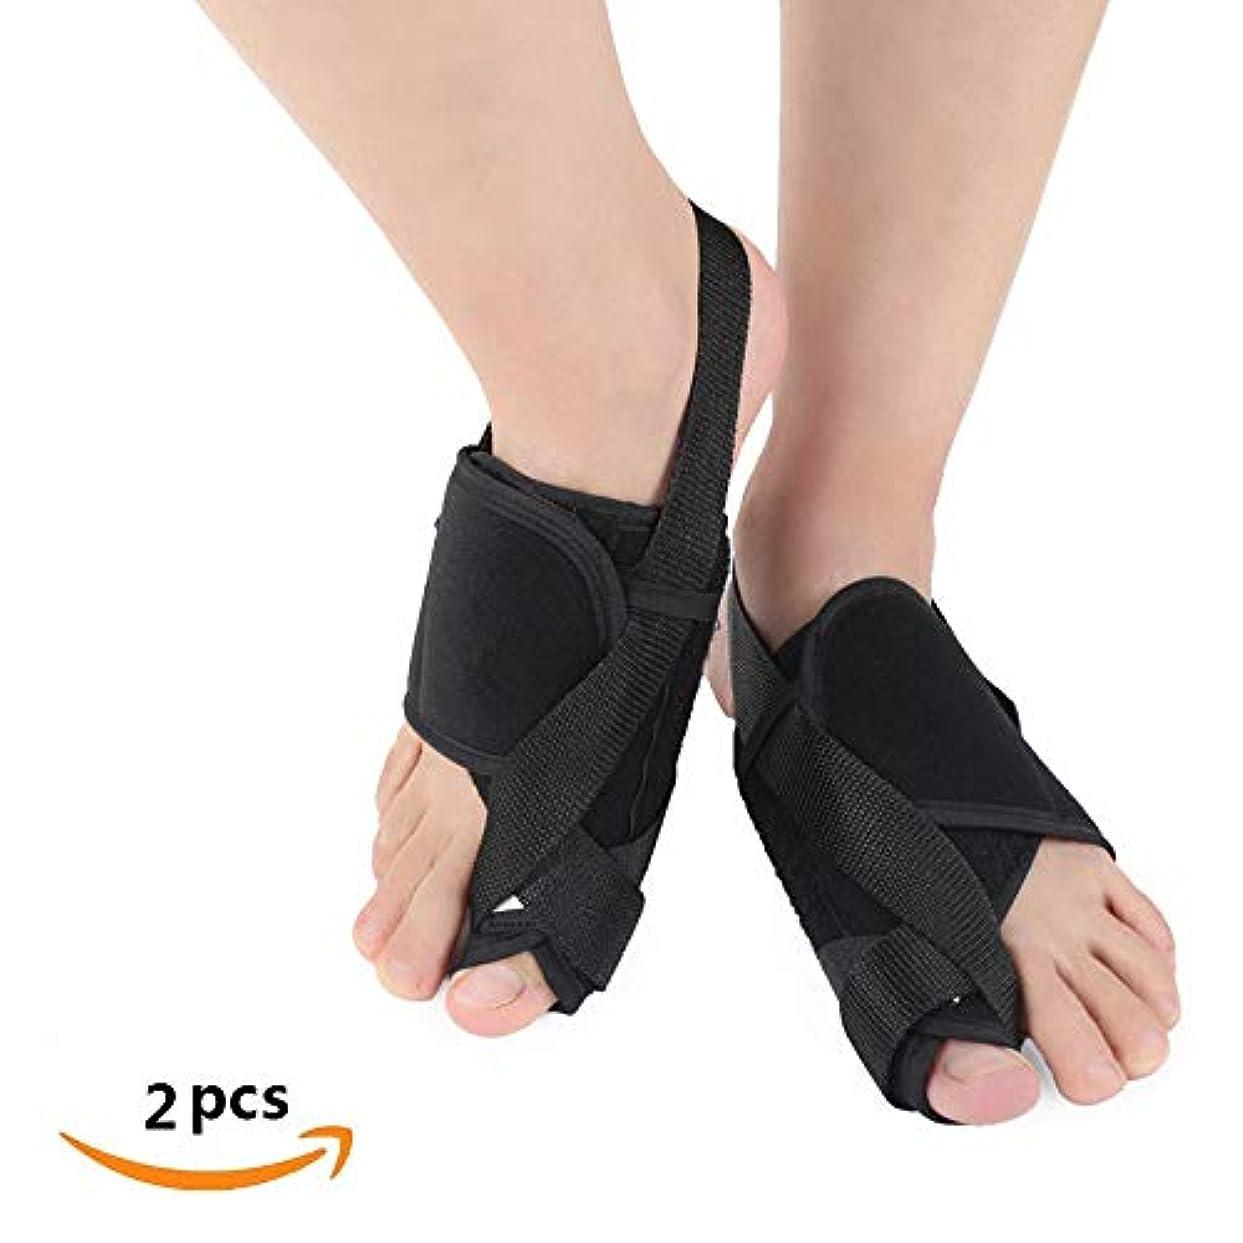 なので印象的な勢い外反母趾サポーター、外反母趾包帯腱補正補助具保護、疼痛緩和のための整形外科サポート、男性と女性に適して,M